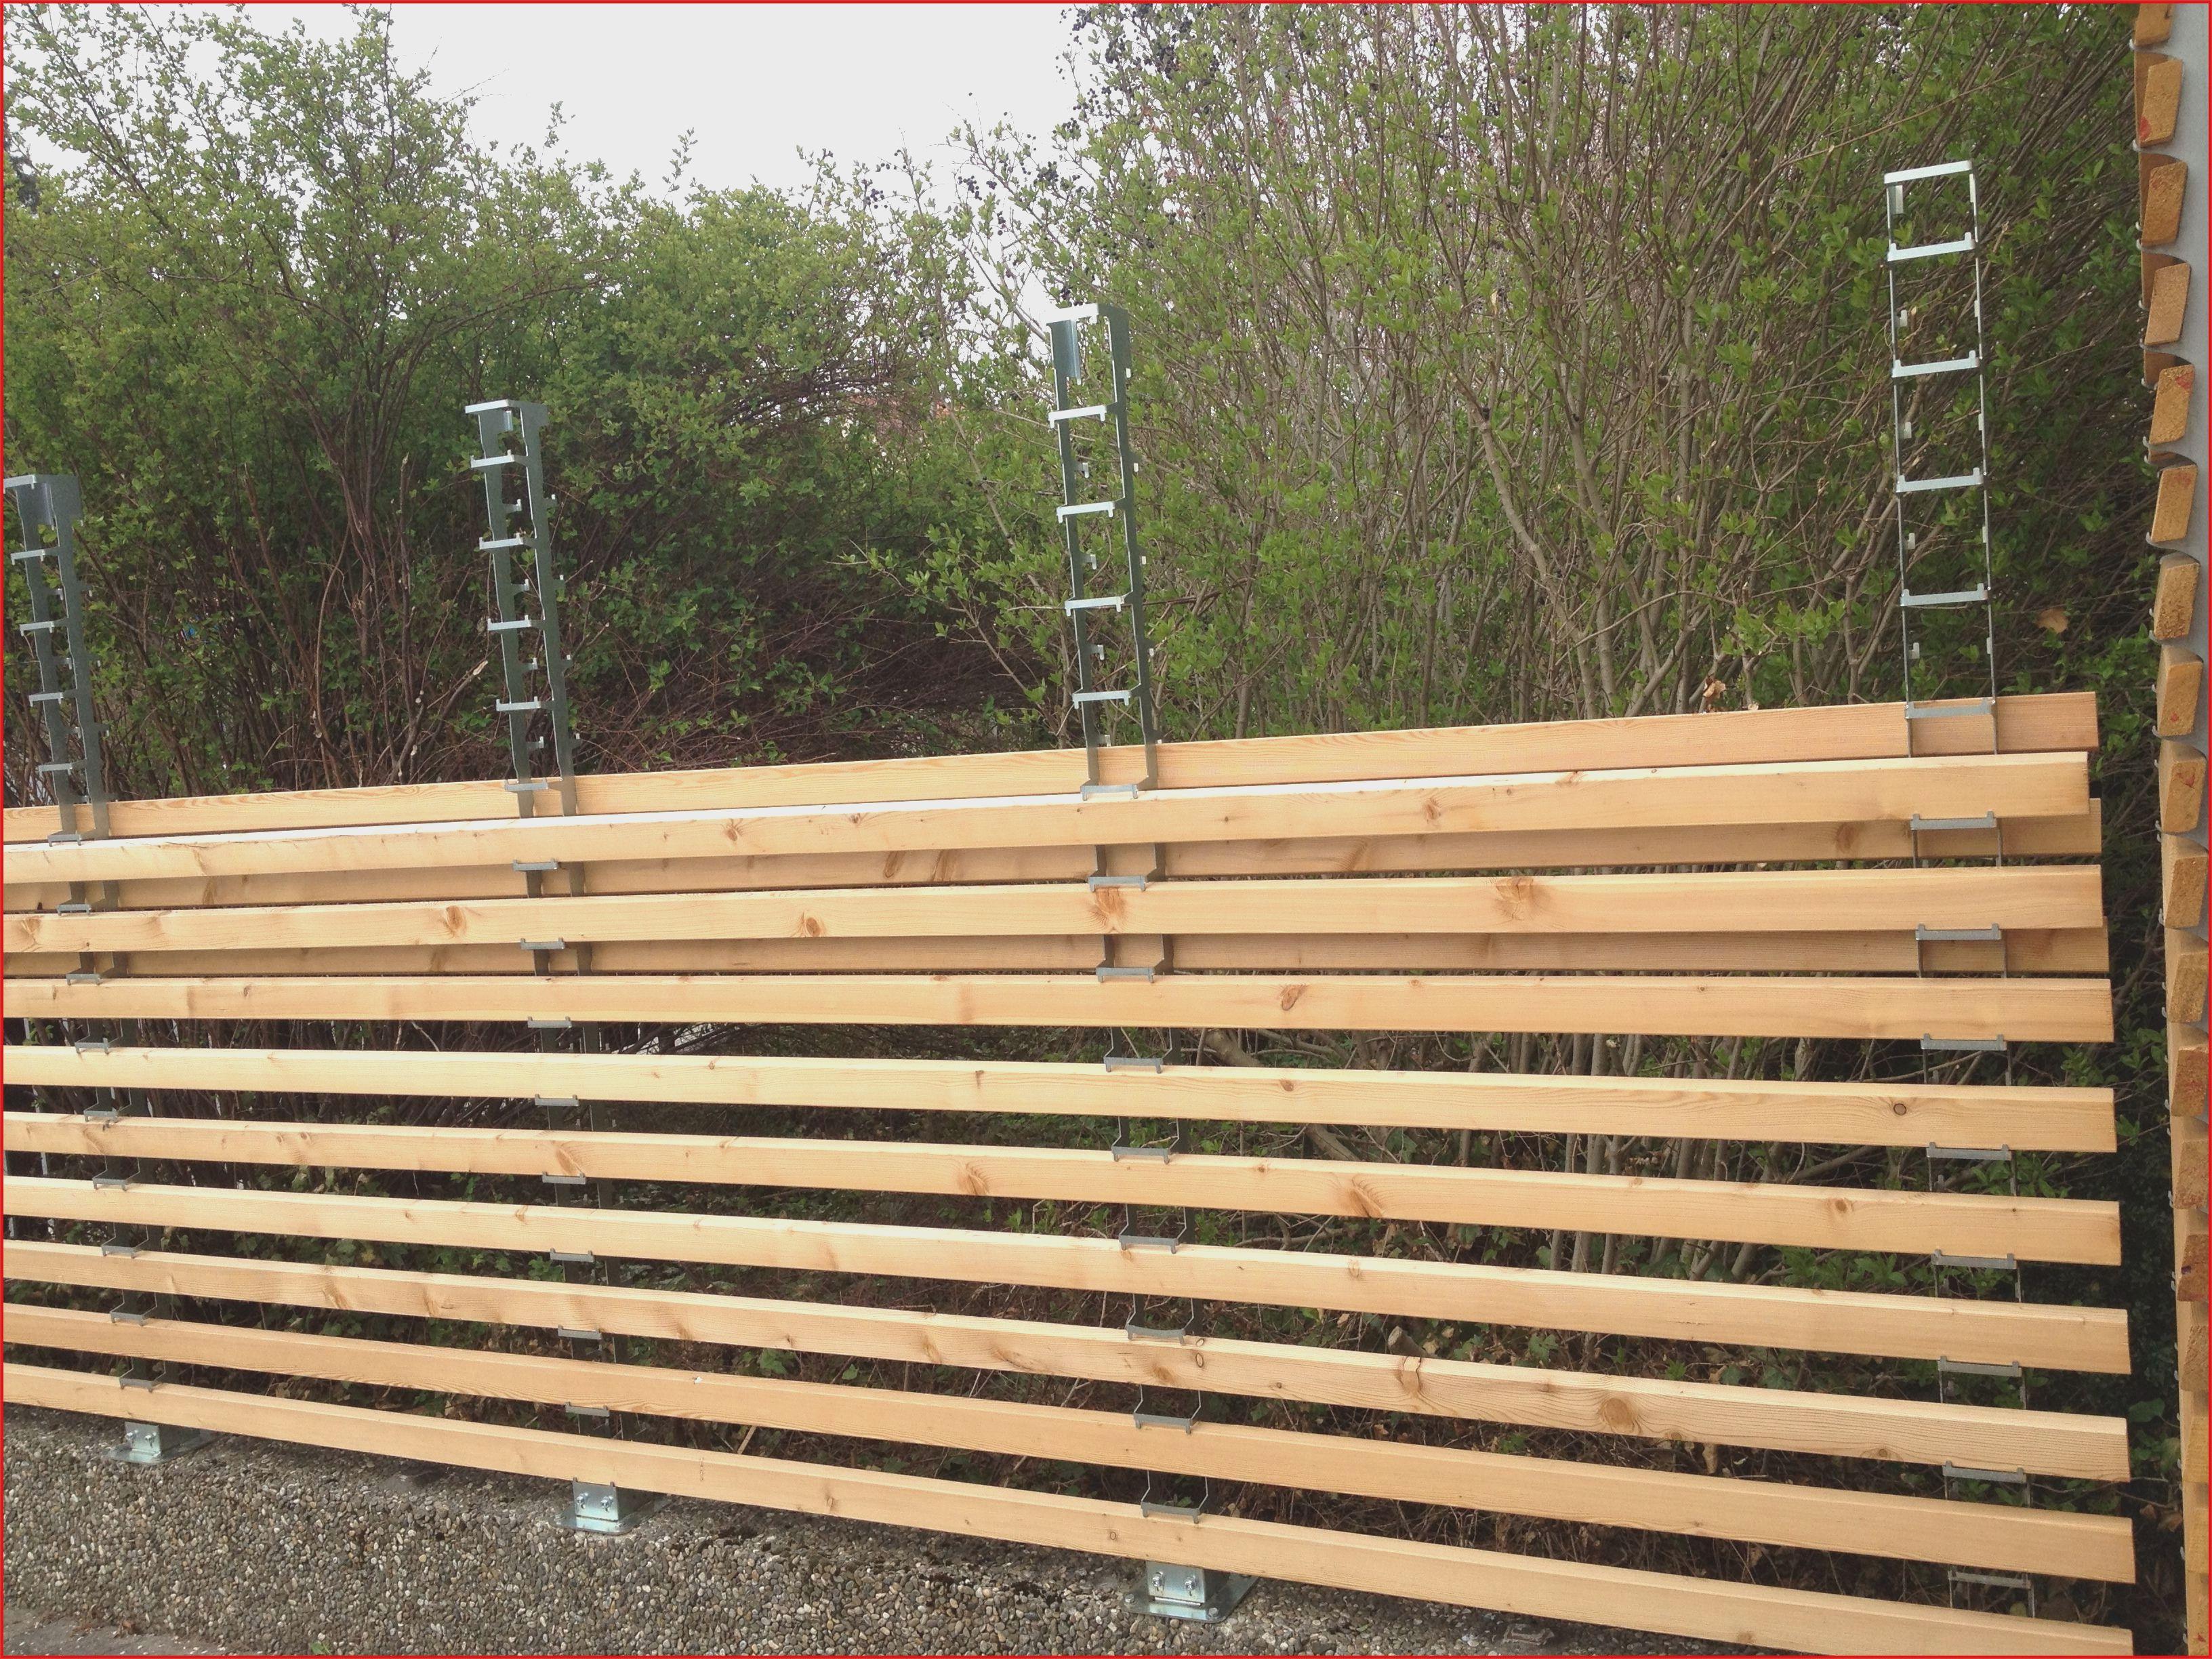 Garten Planen 26 Frisch Gartenzaun Holz Selber Bauen O82p Mit